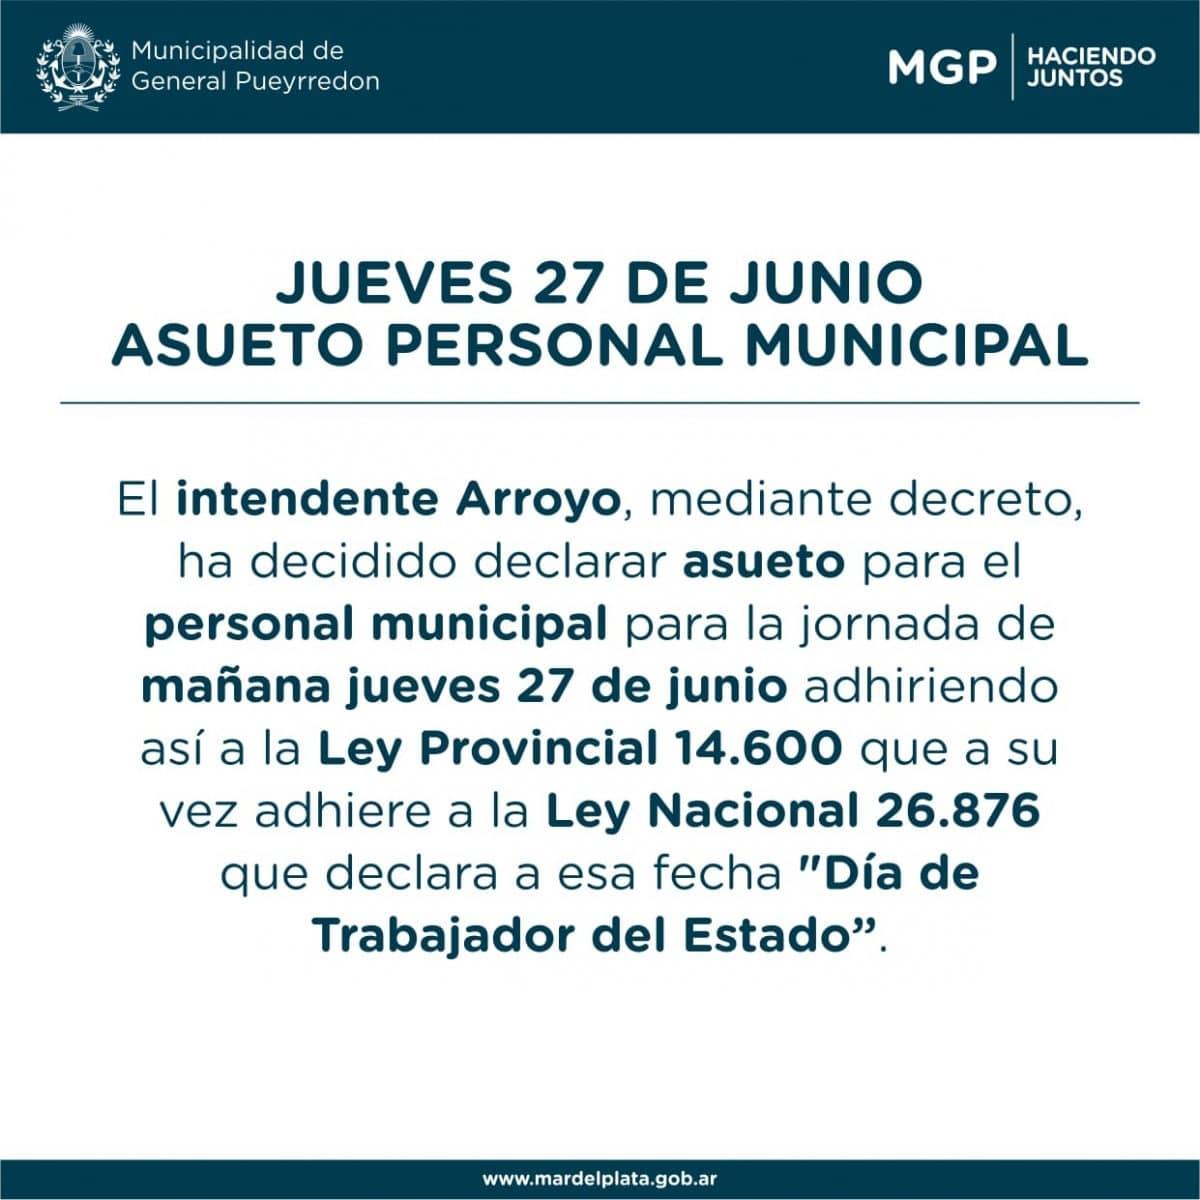 Arroyo decretó asueto para el personal municipal